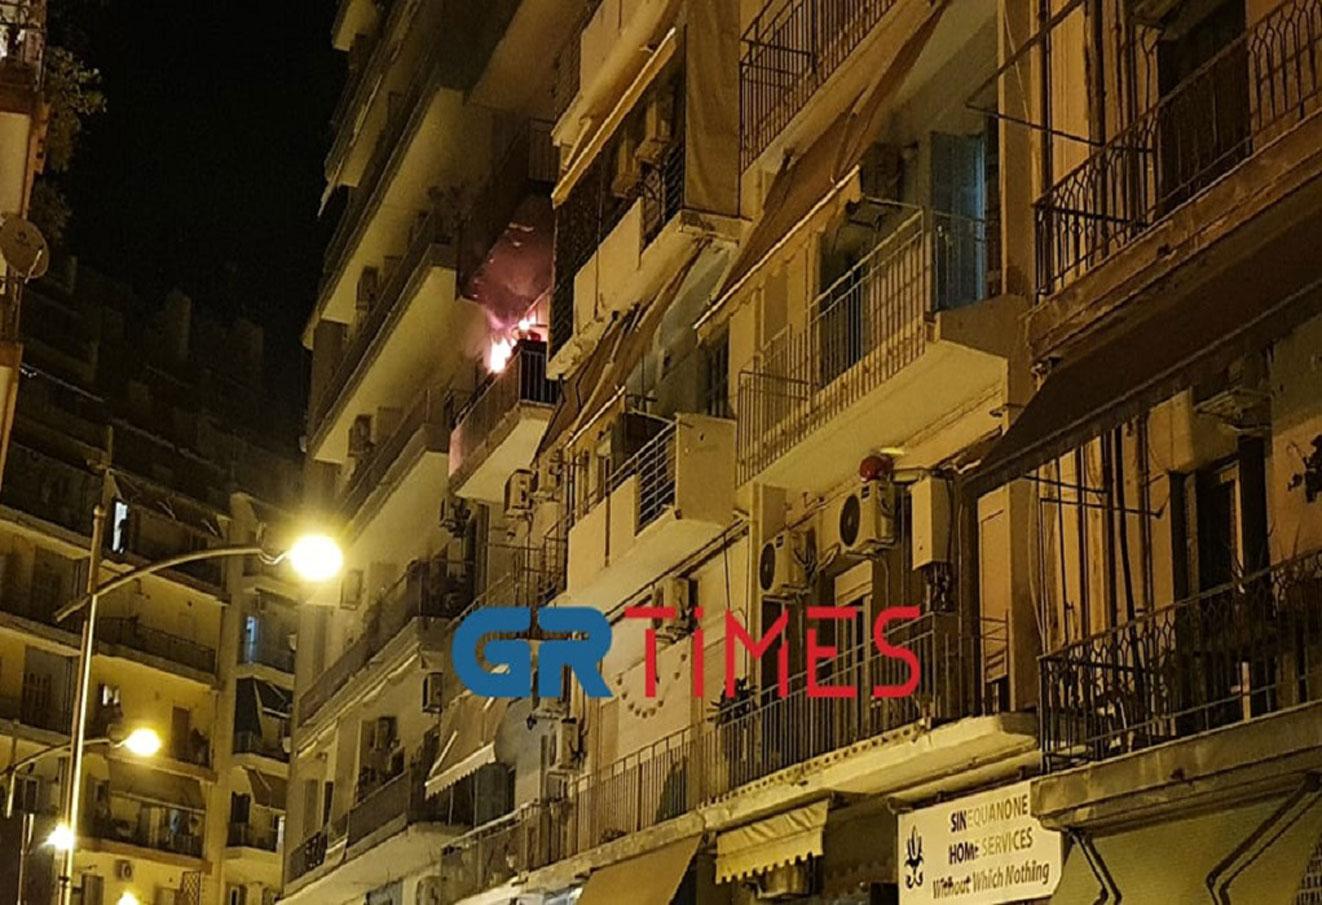 Φωτιά σε διαμέρισμα στη Θεσσαλονίκη – Δραματική επιχείρηση, 12 άνθρωποι στο νοσοκομείο (pics, vids)